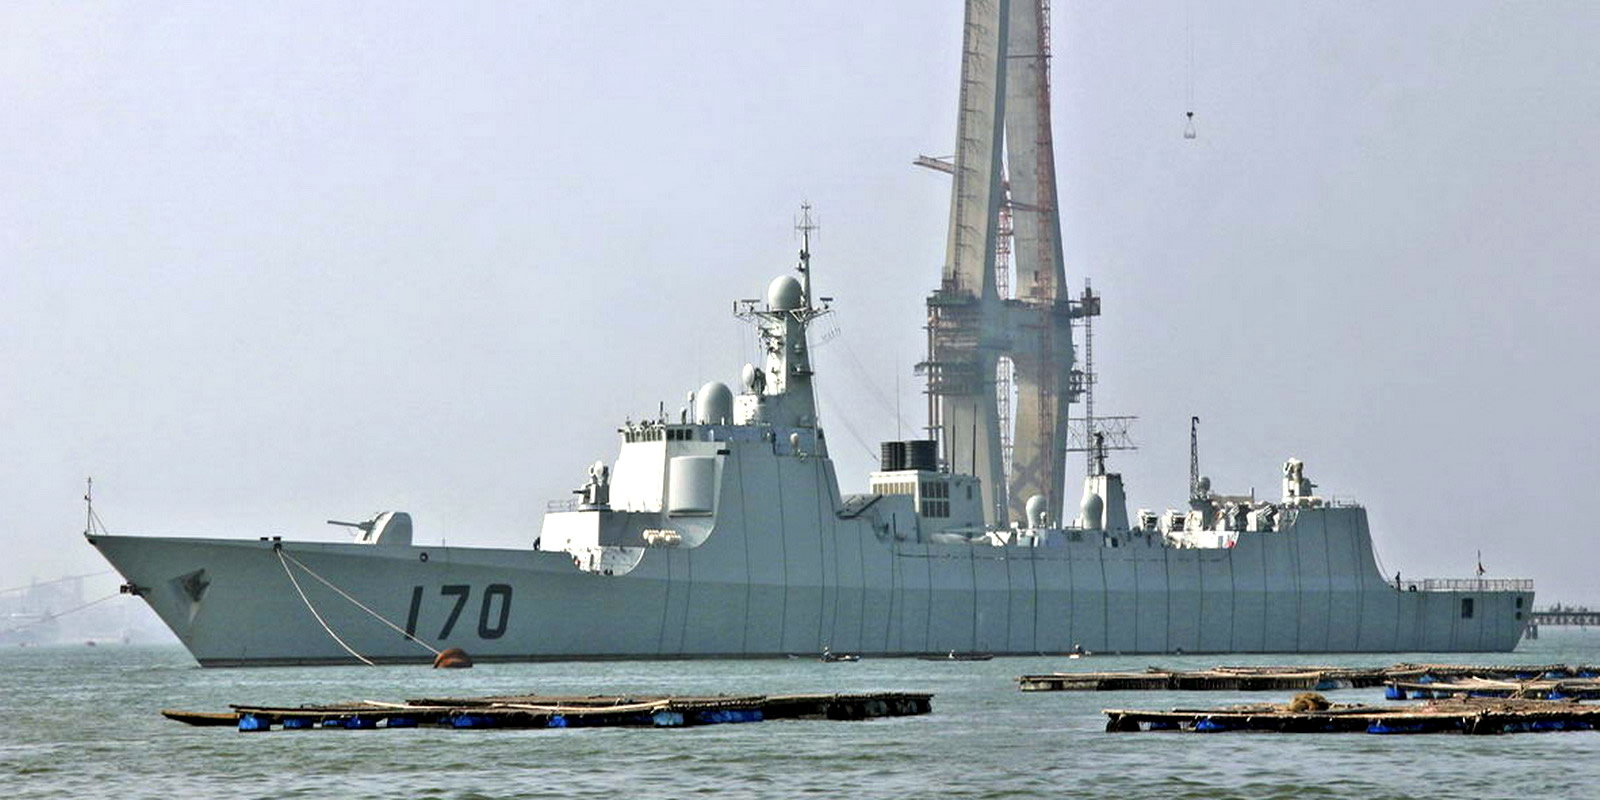 """احدث الصفقات العسكرية البحرية للدول العربية """" موضوع مجمع """" - صفحة 2 Type_052C_destroyer"""